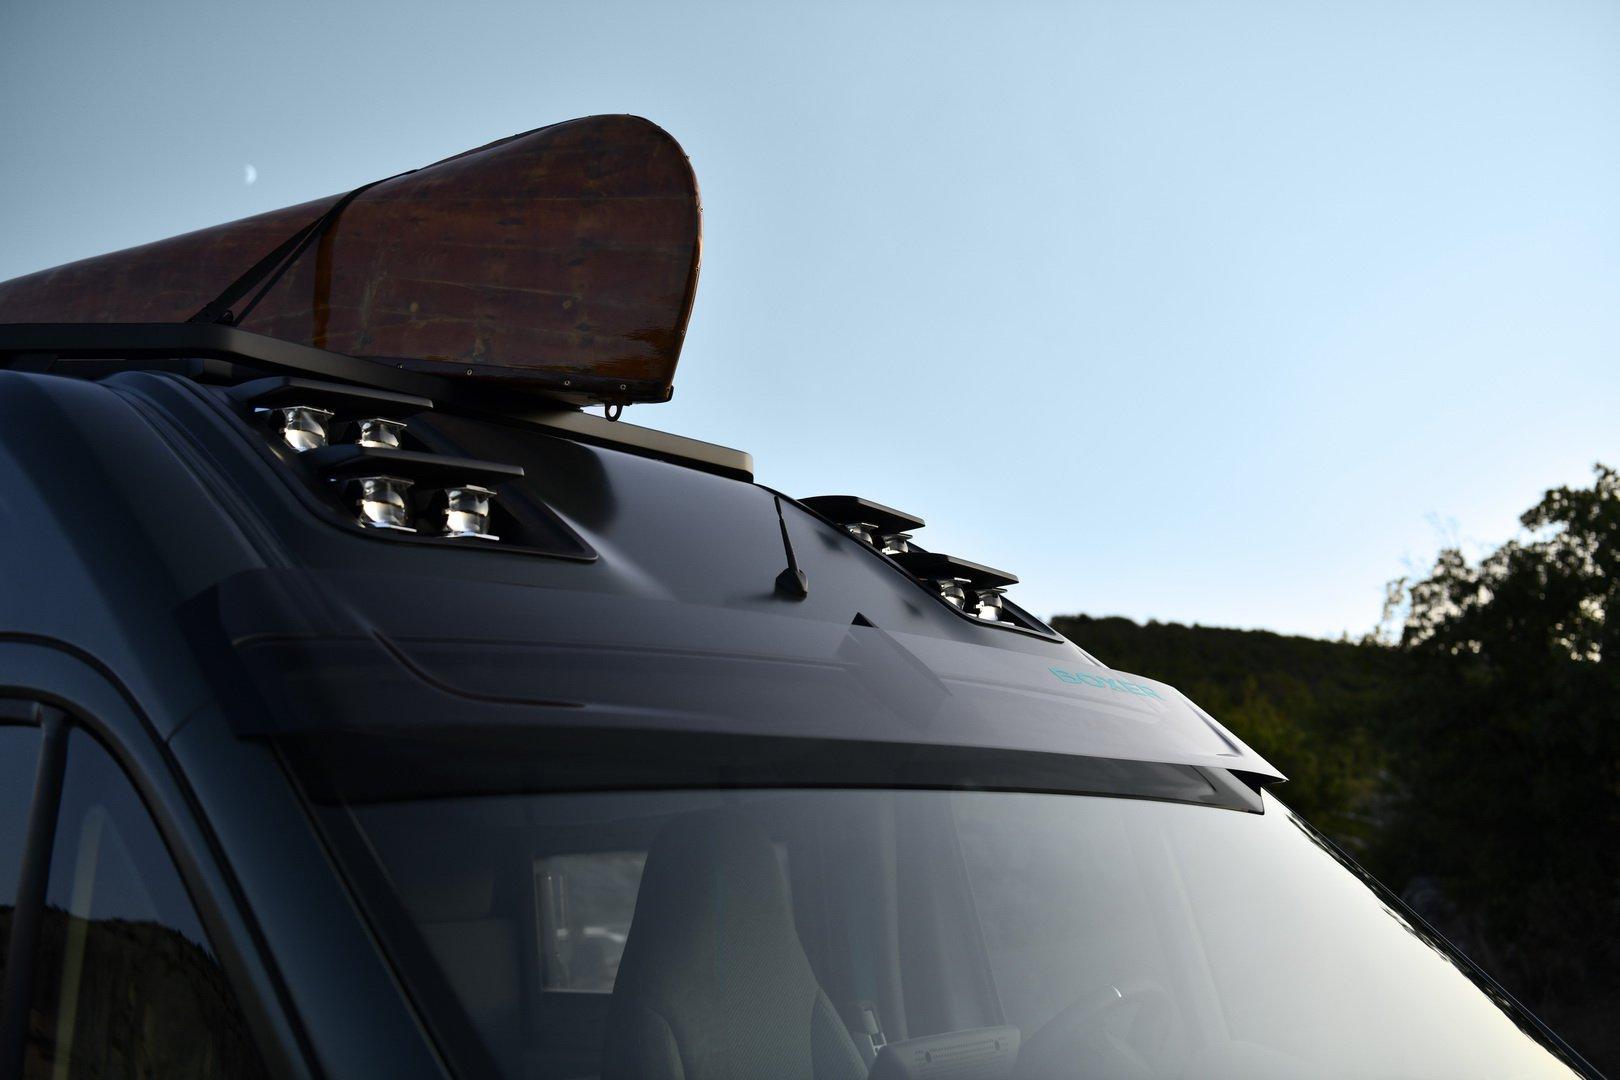 Peugeot-Boxer-4x4-Concept-10